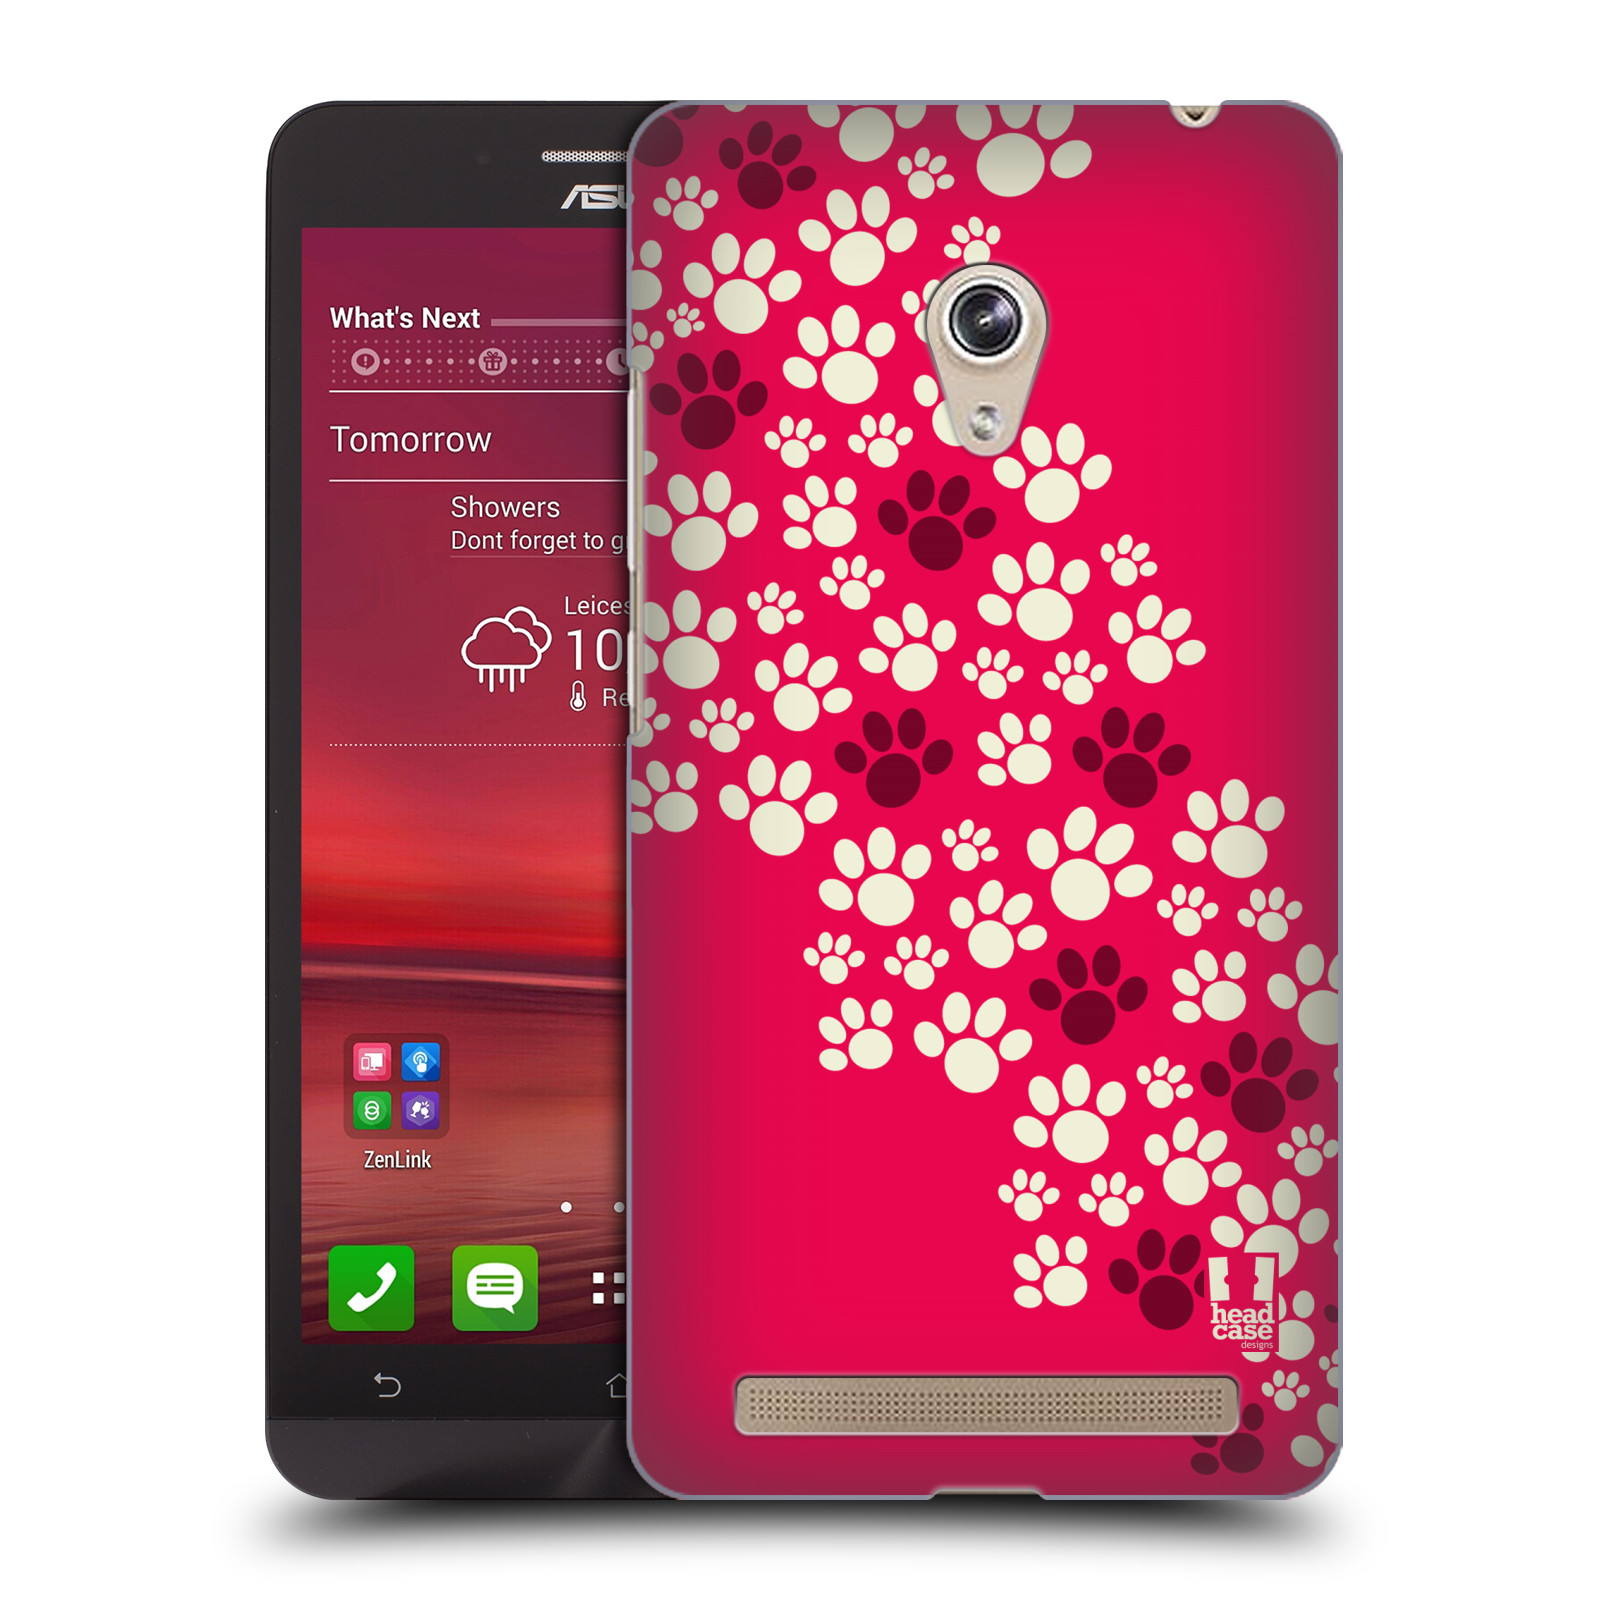 Plastové pouzdro na mobil Asus Zenfone 6 HEAD CASE TLAPKY RŮŽOVÉ (Kryt či obal na mobilní telefon Asus Zenfone 6 A600CG / A601CG)